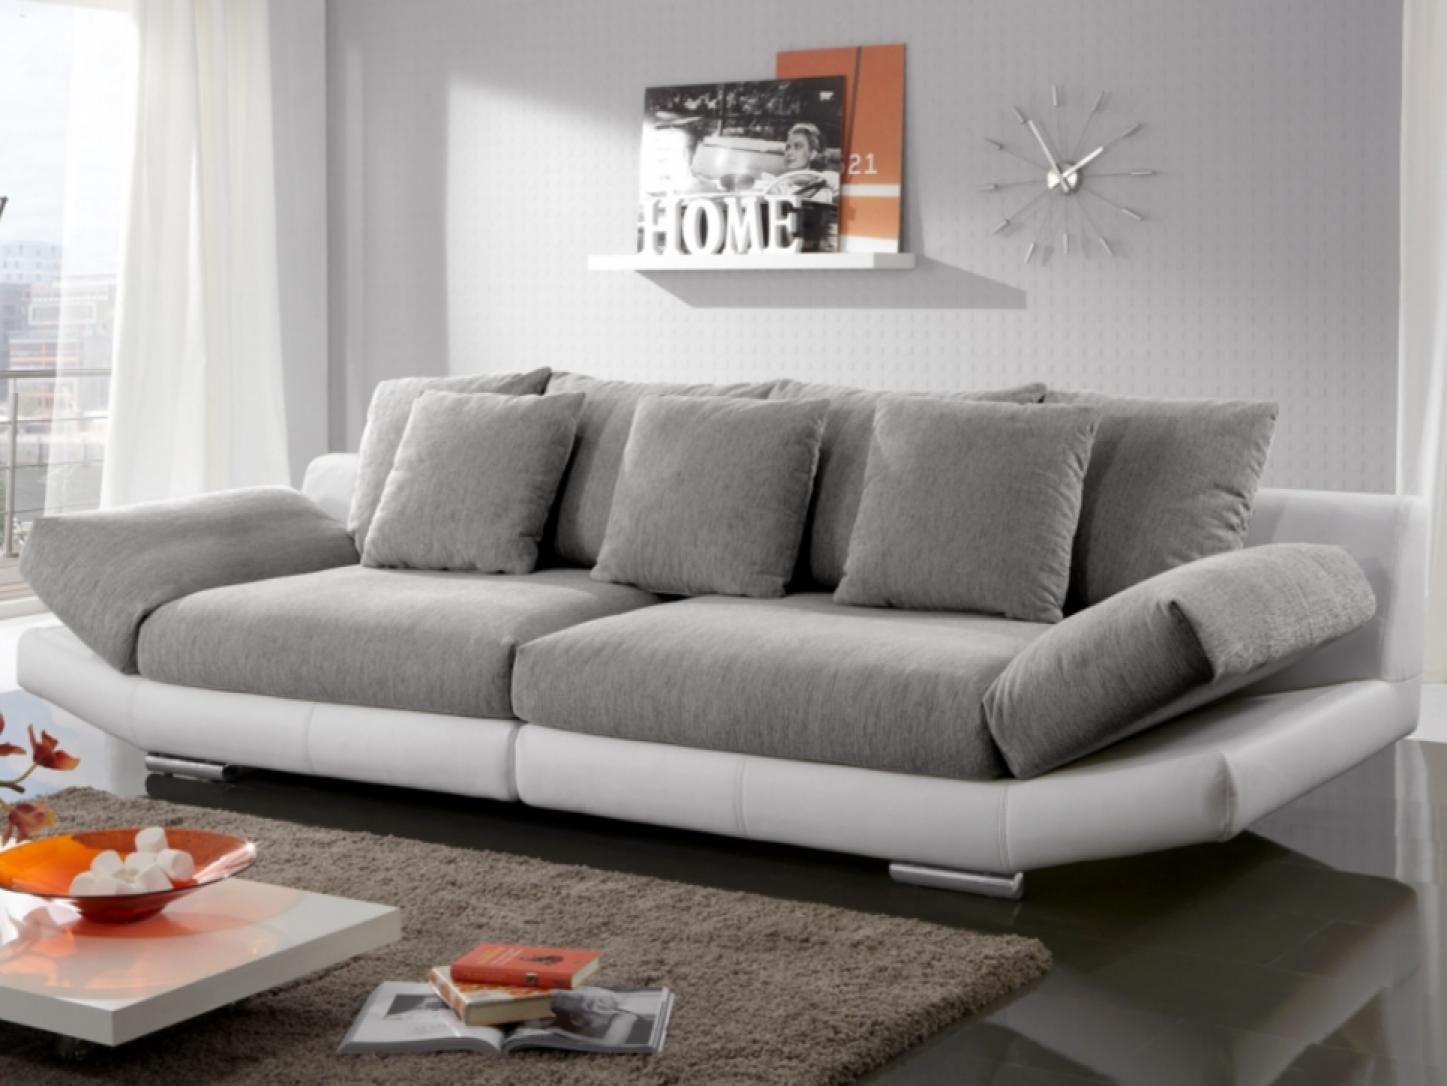 Canap Quattro Excellent Canapes D Angle Ikea Salon Cuir Pcanape